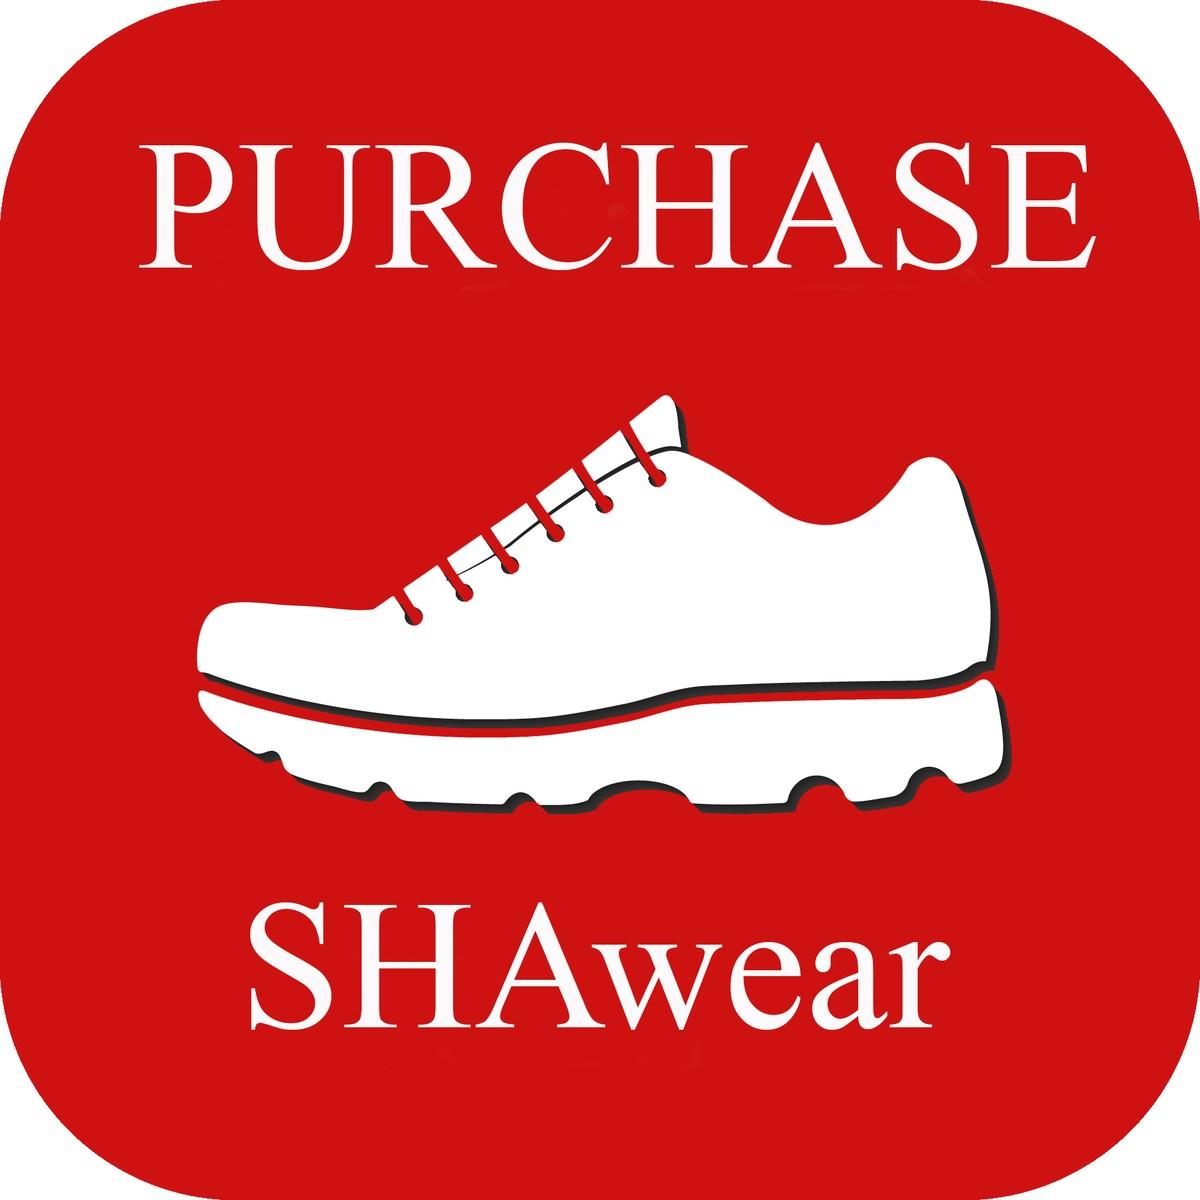 purchase shawear